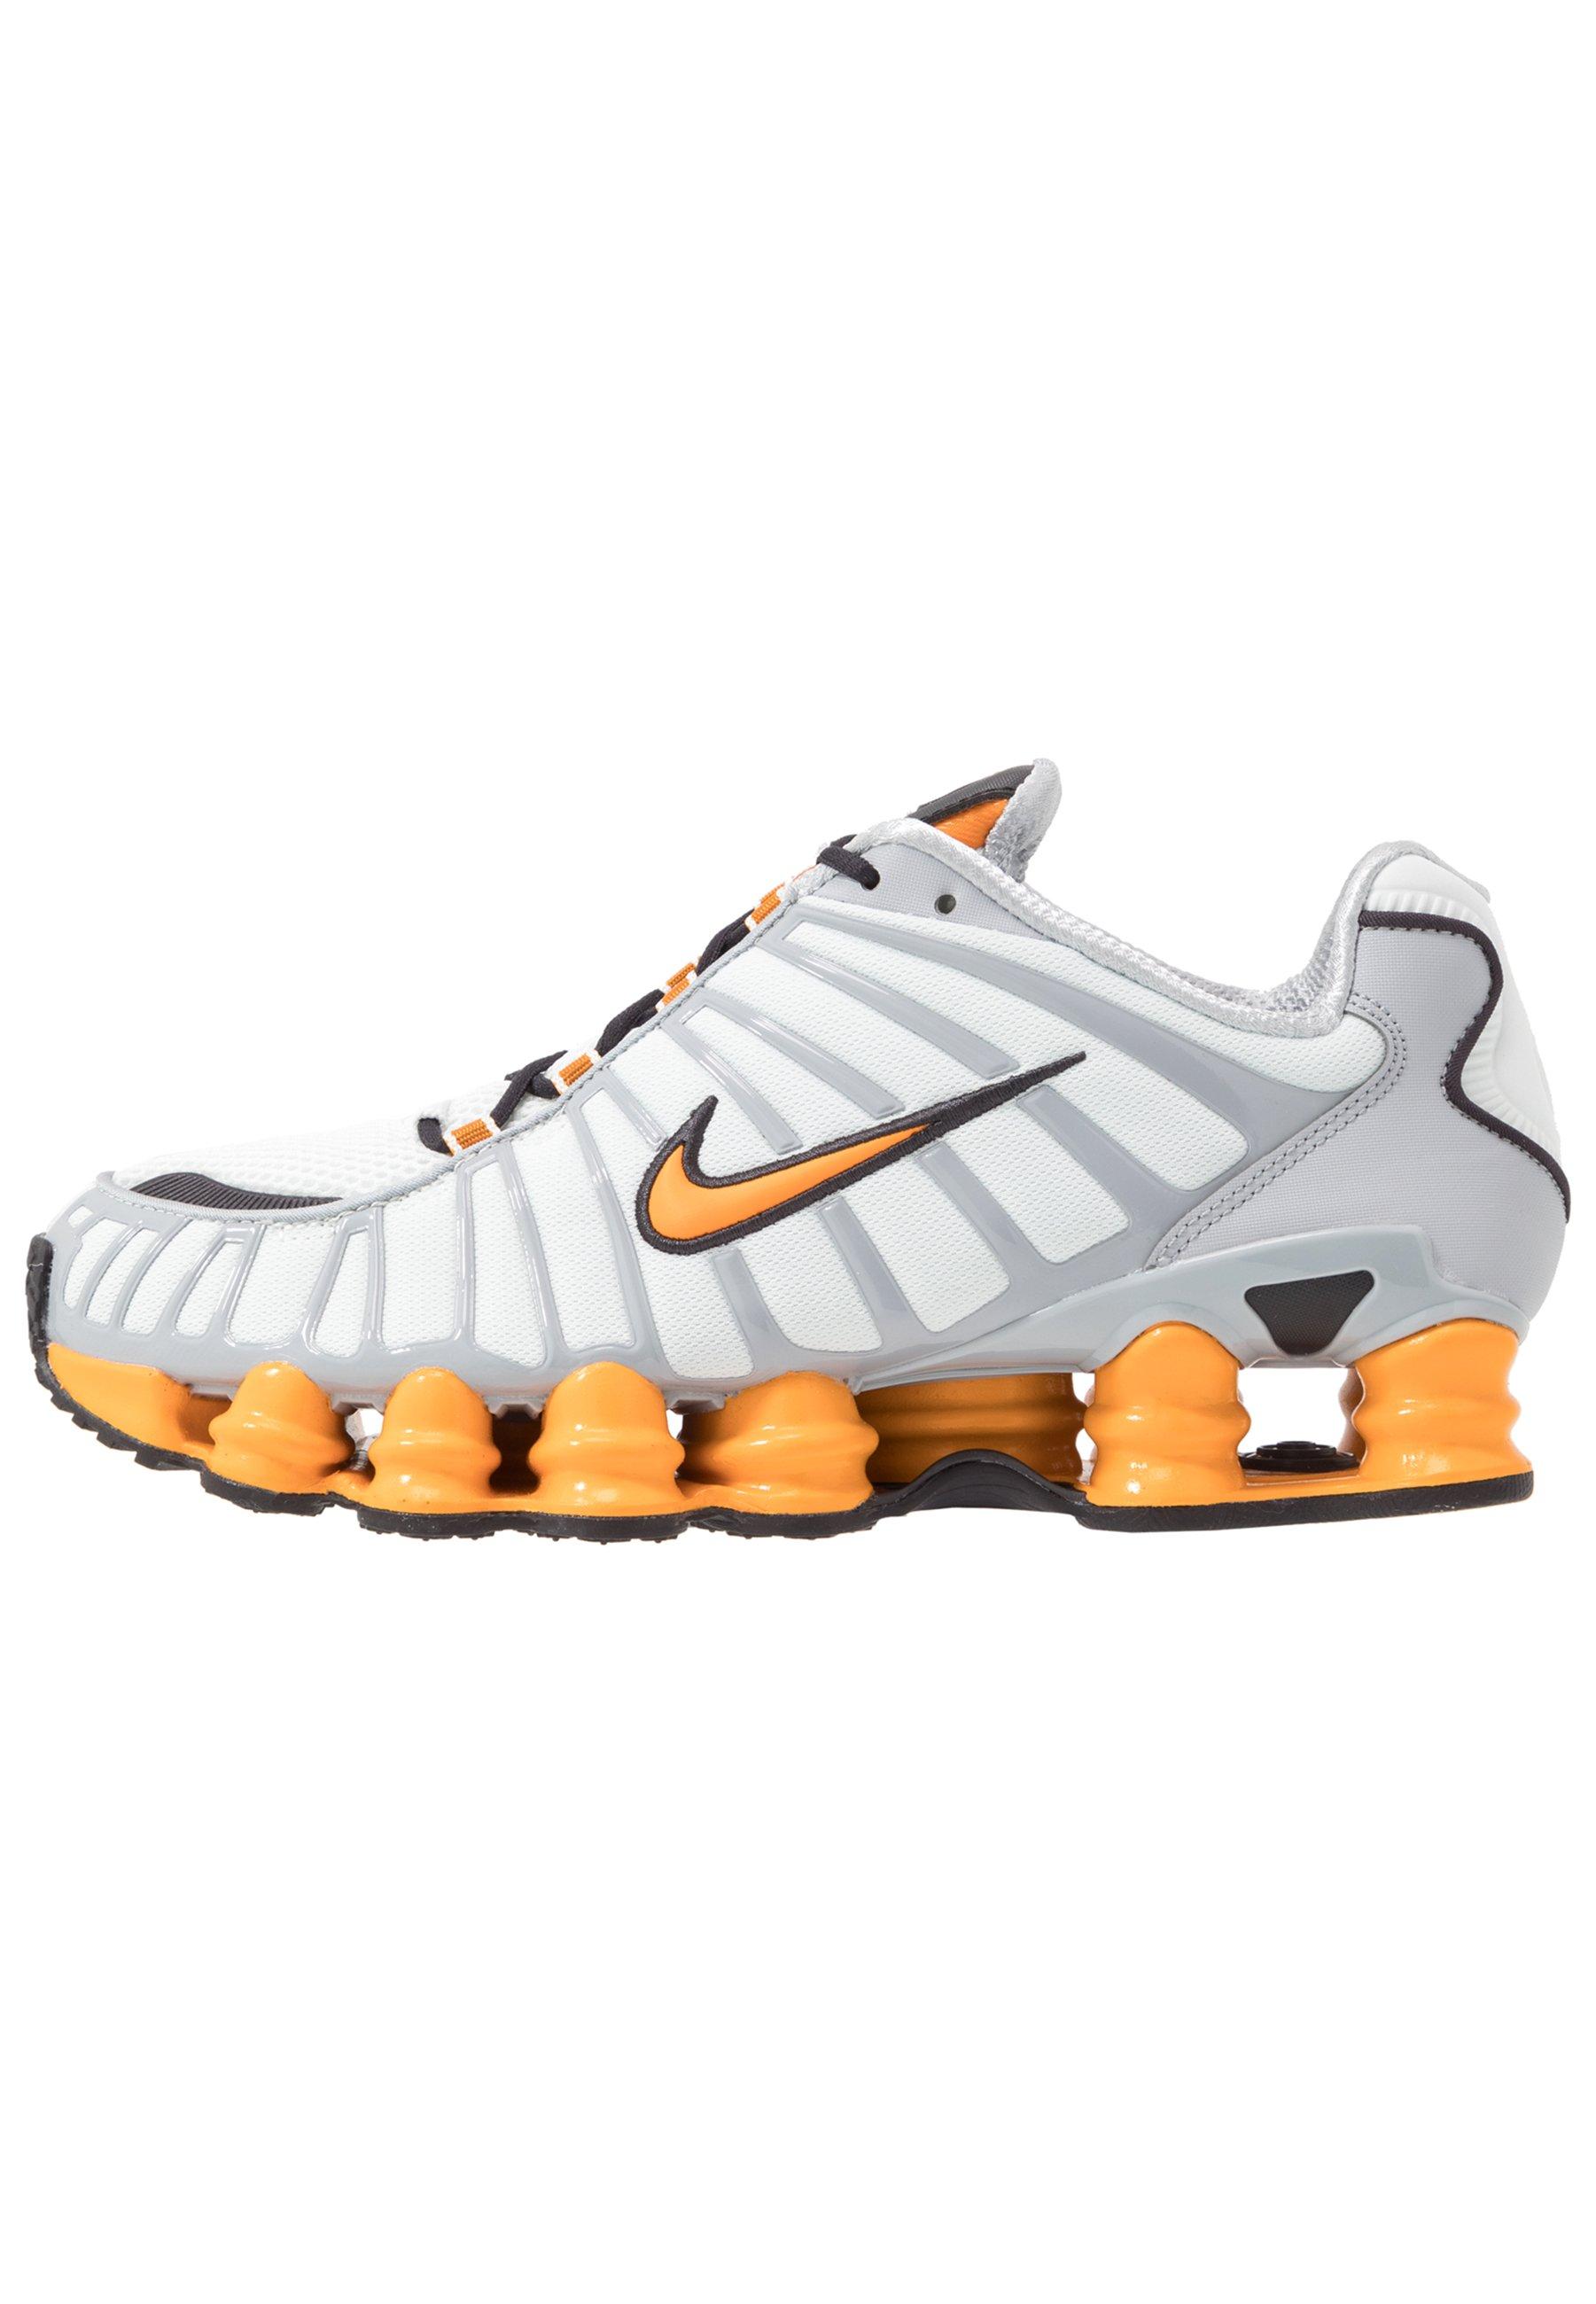 Scarpe | Grande assortimento di calzature su Zalando